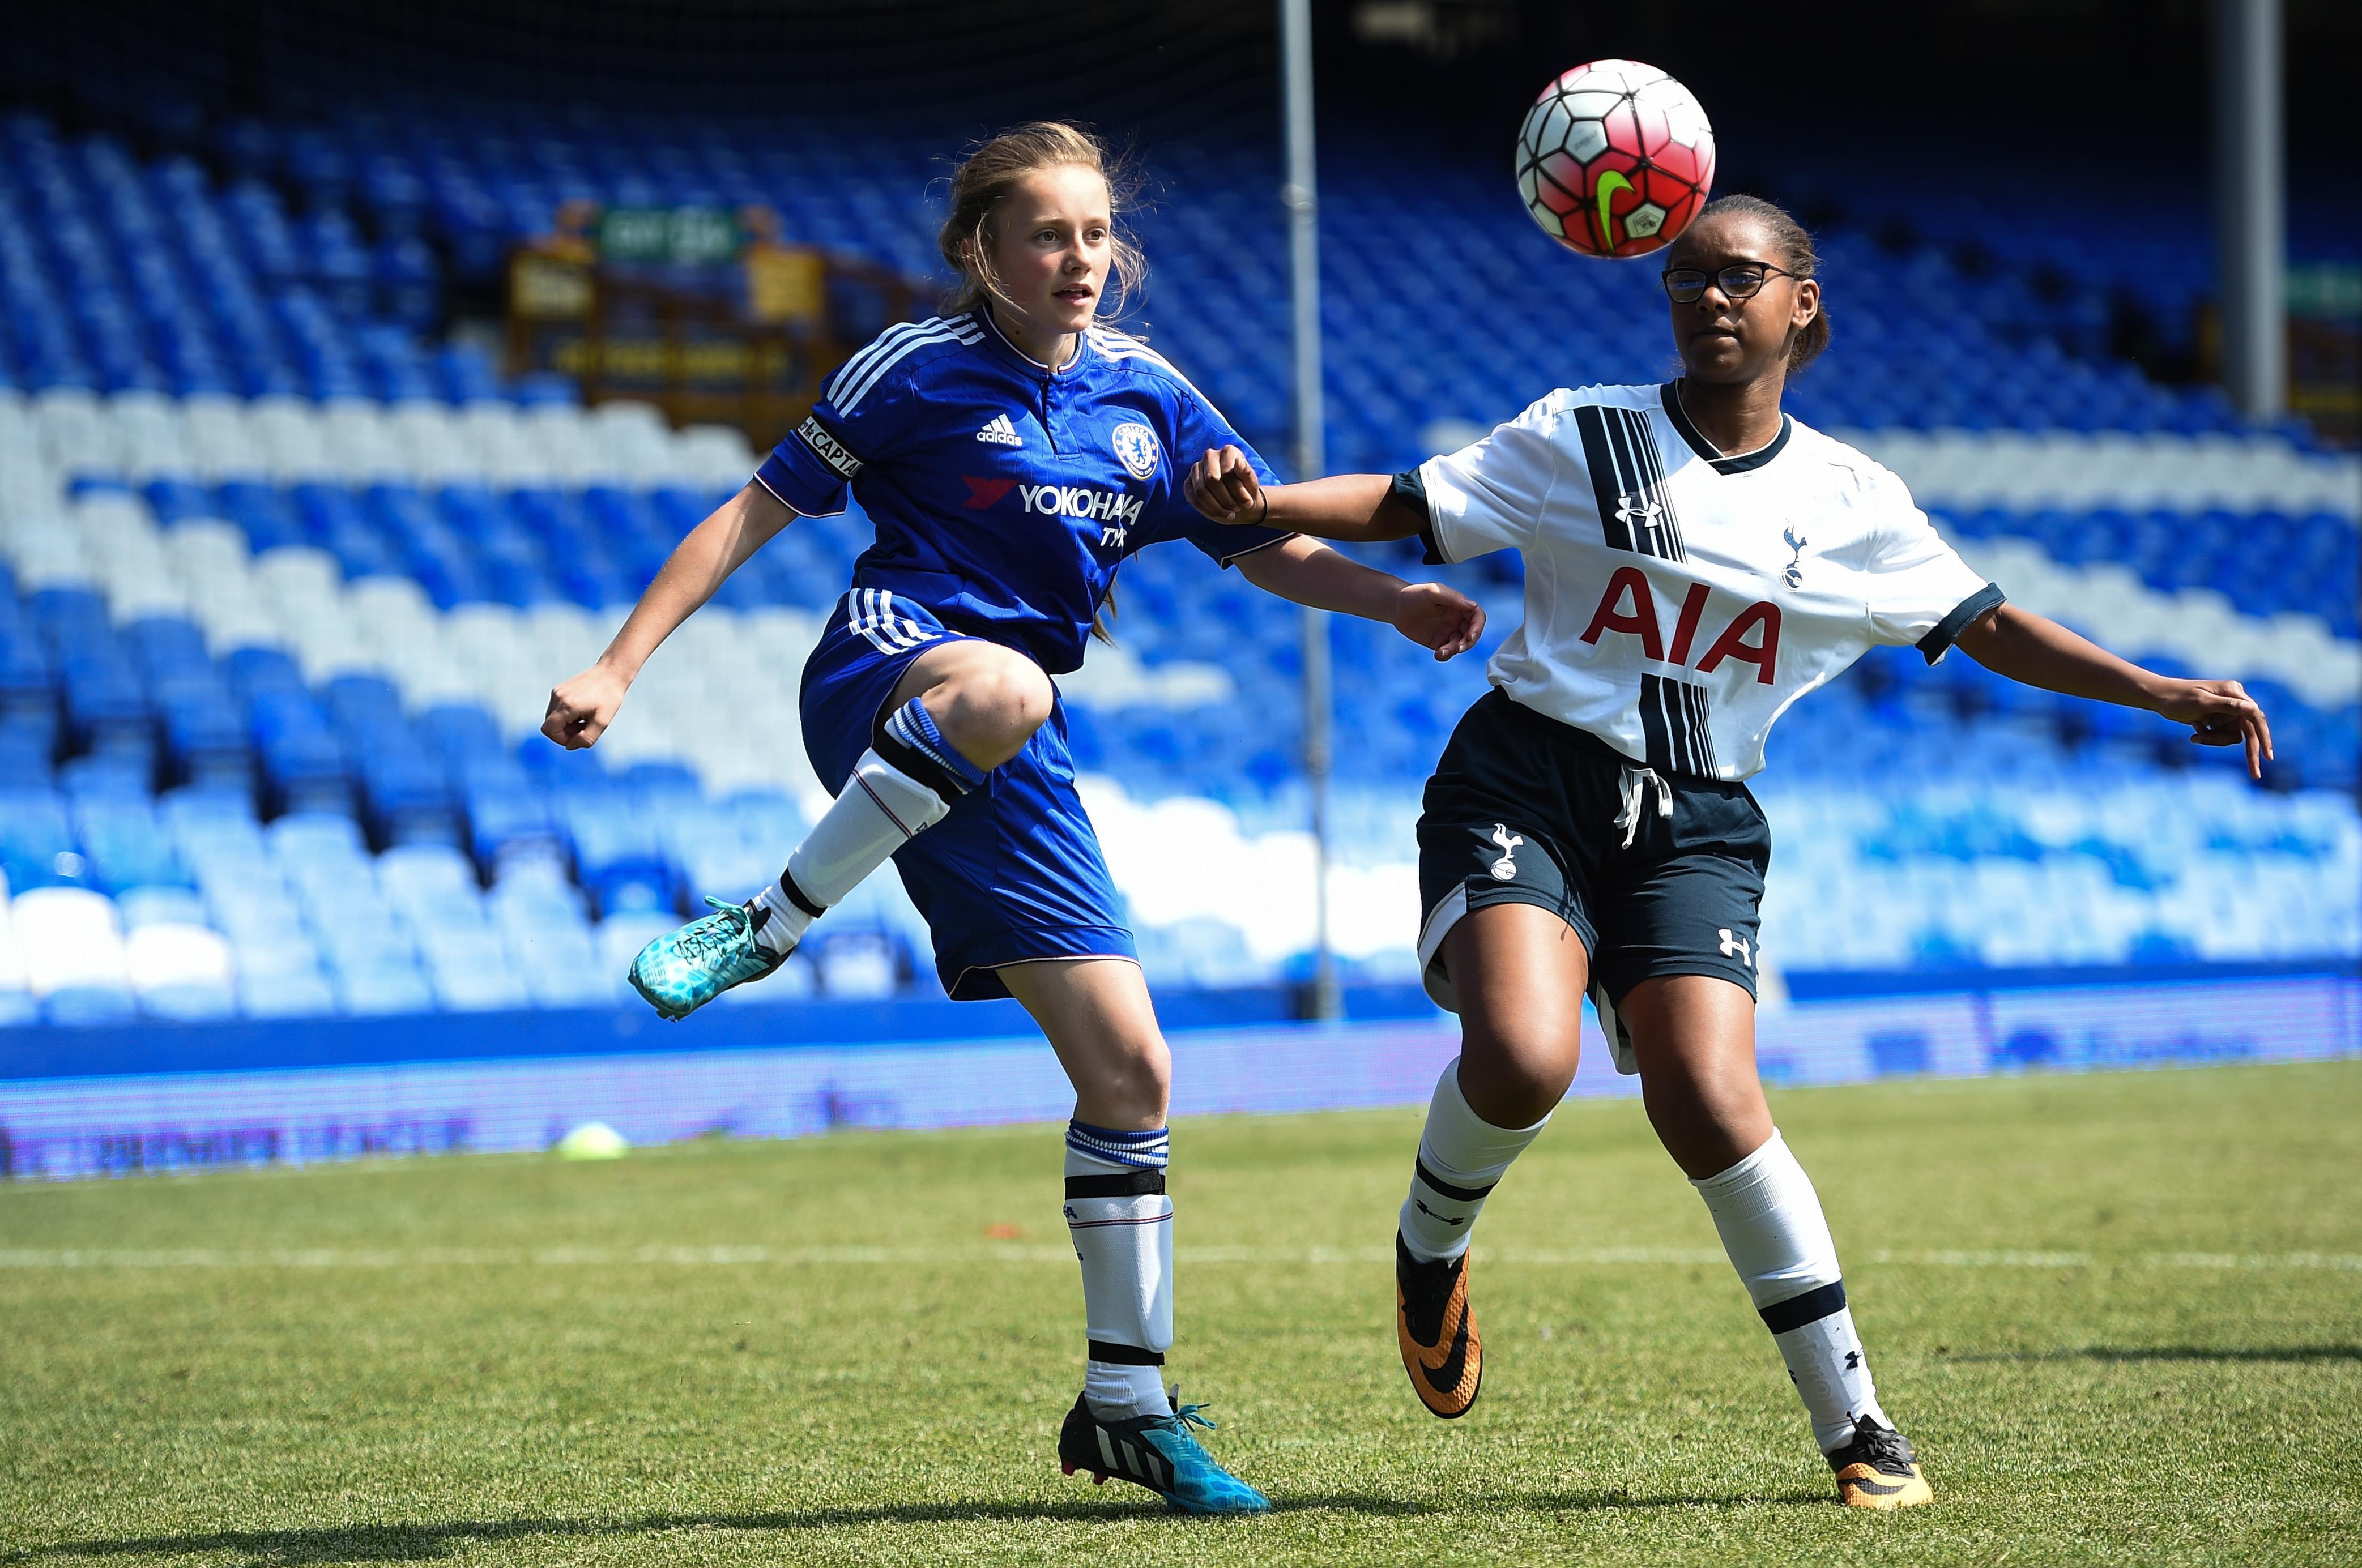 2016 Premier League Schools Tournament